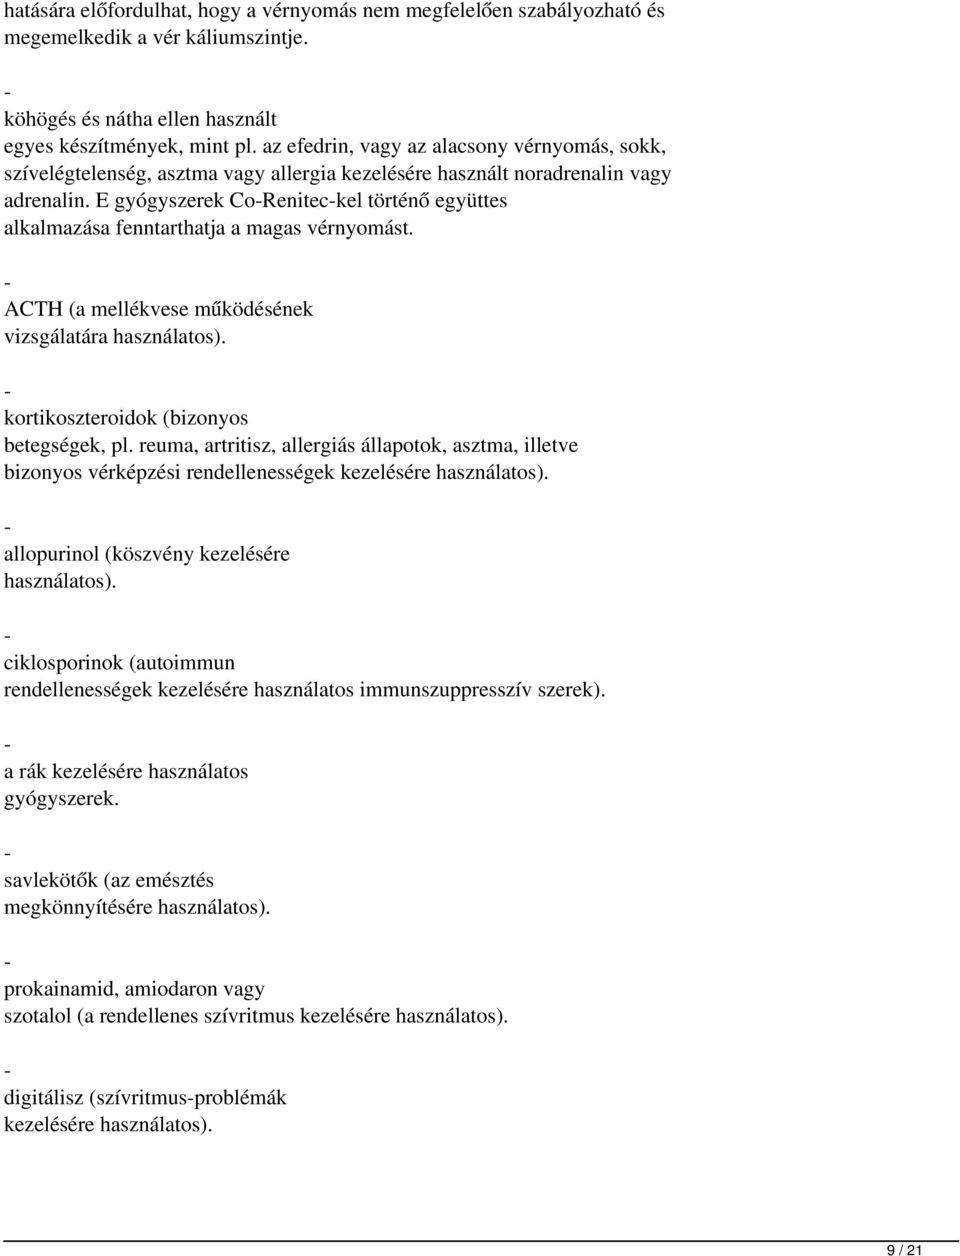 magas vérnyomás elleni gyógyszer renitek)